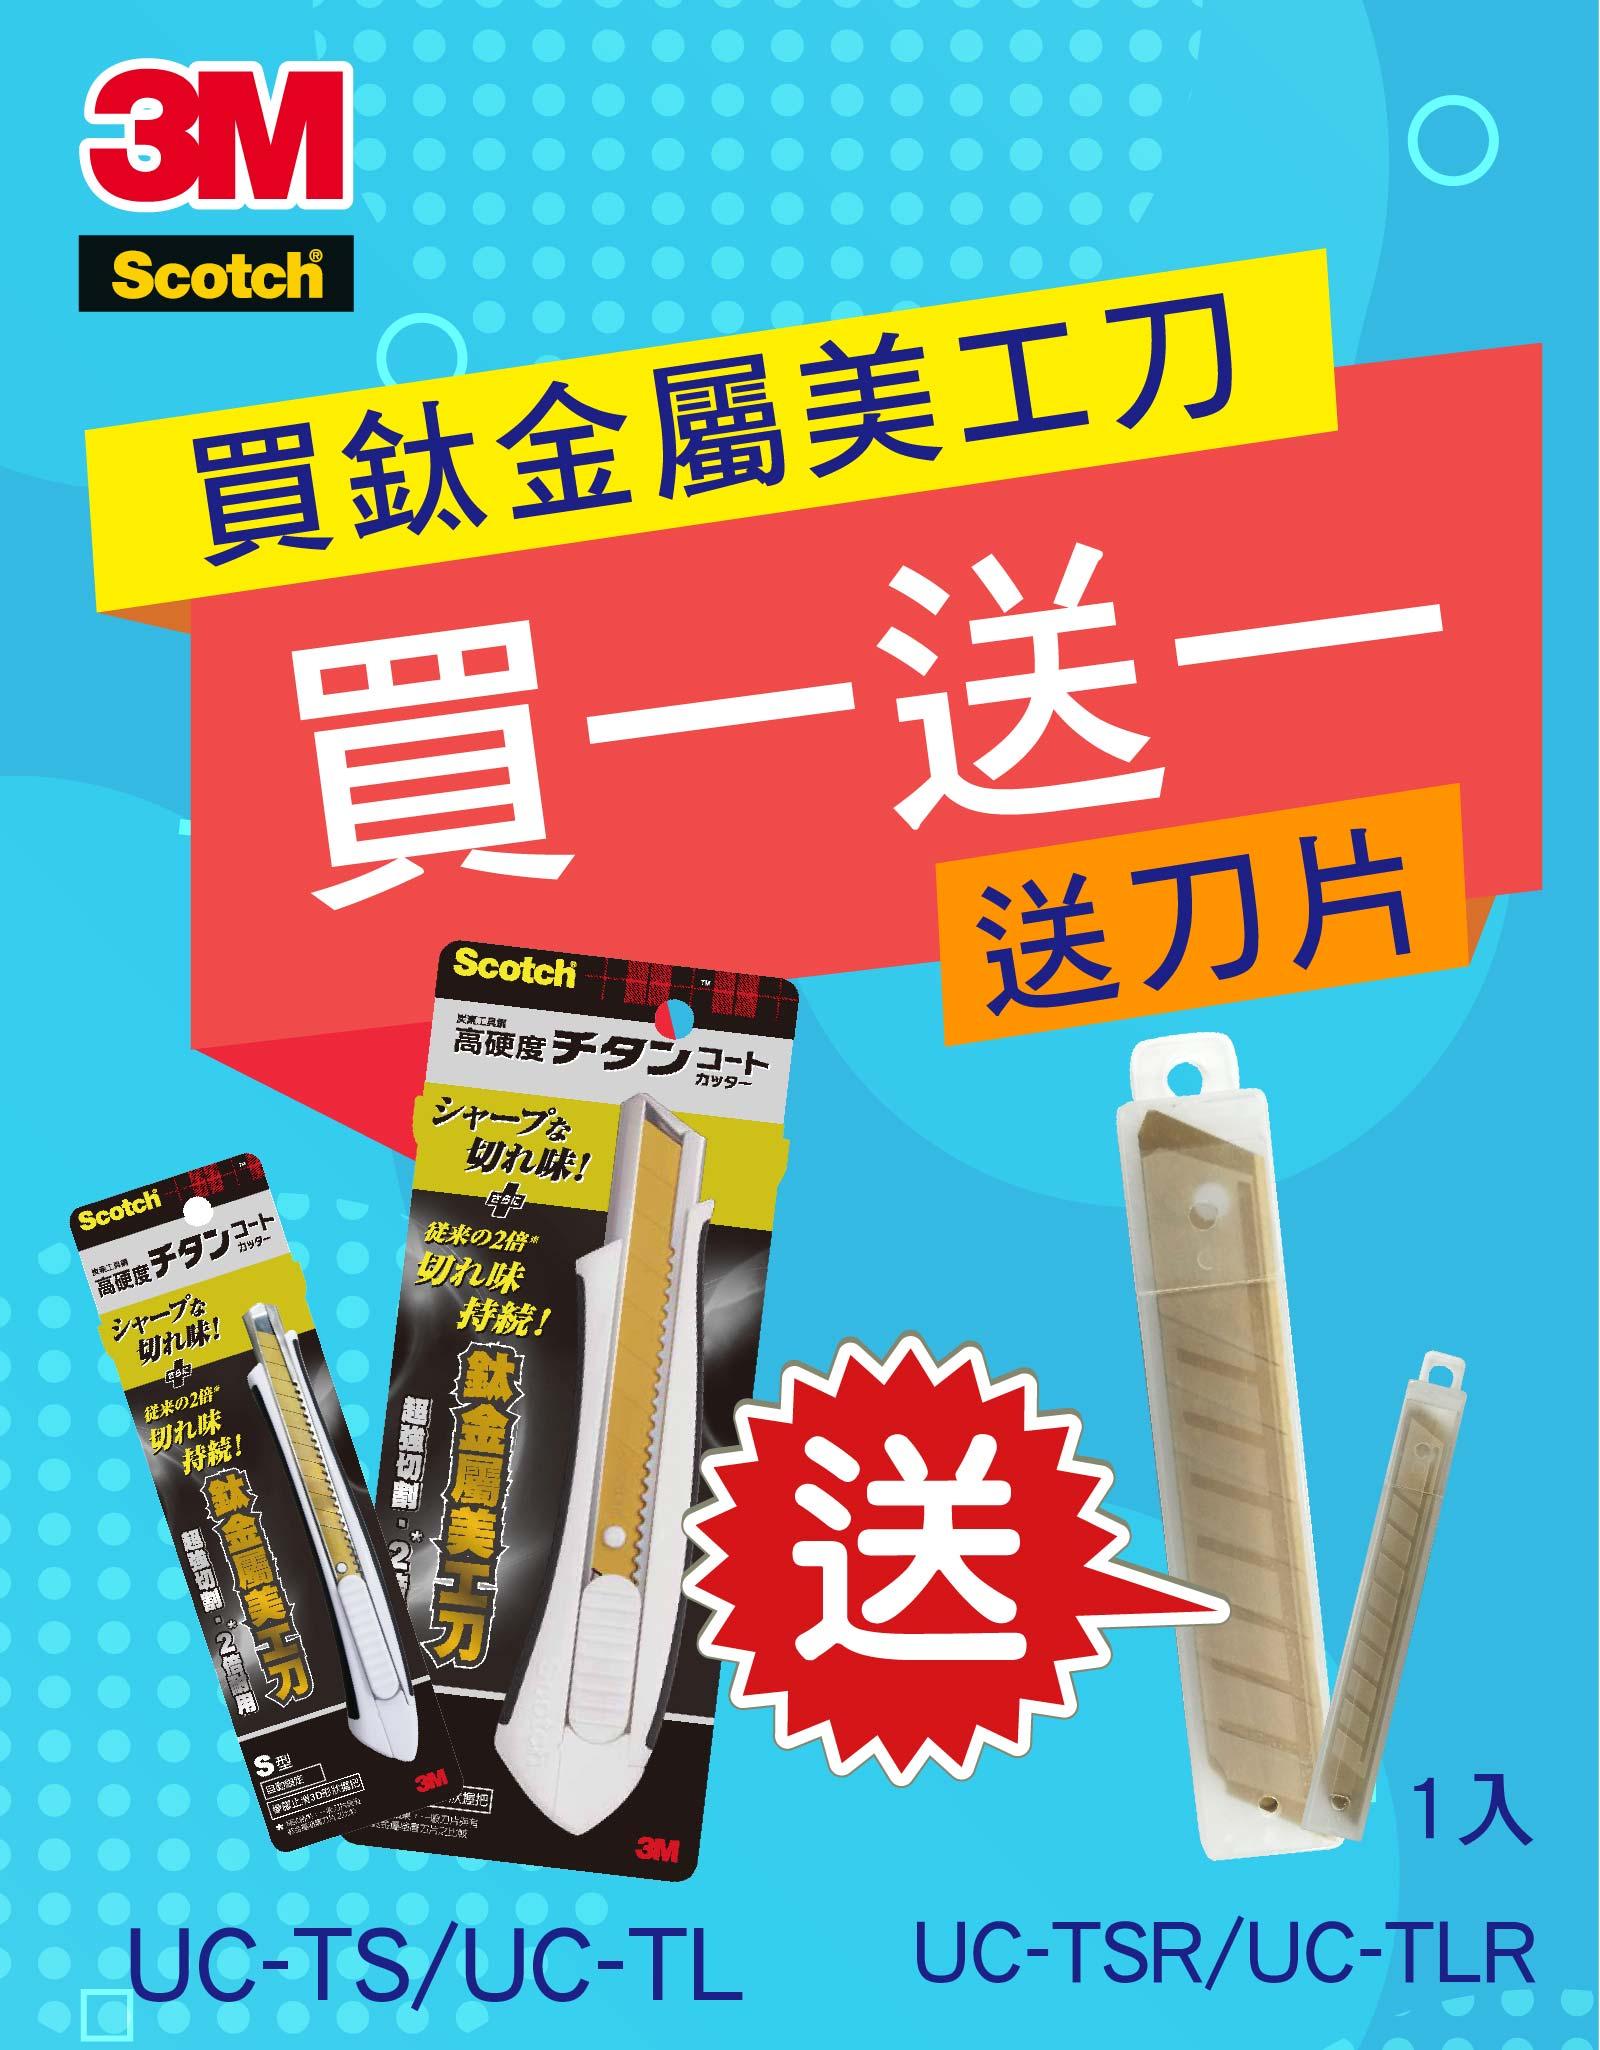 買3M鈦金屬美工刀送刀片(1入)